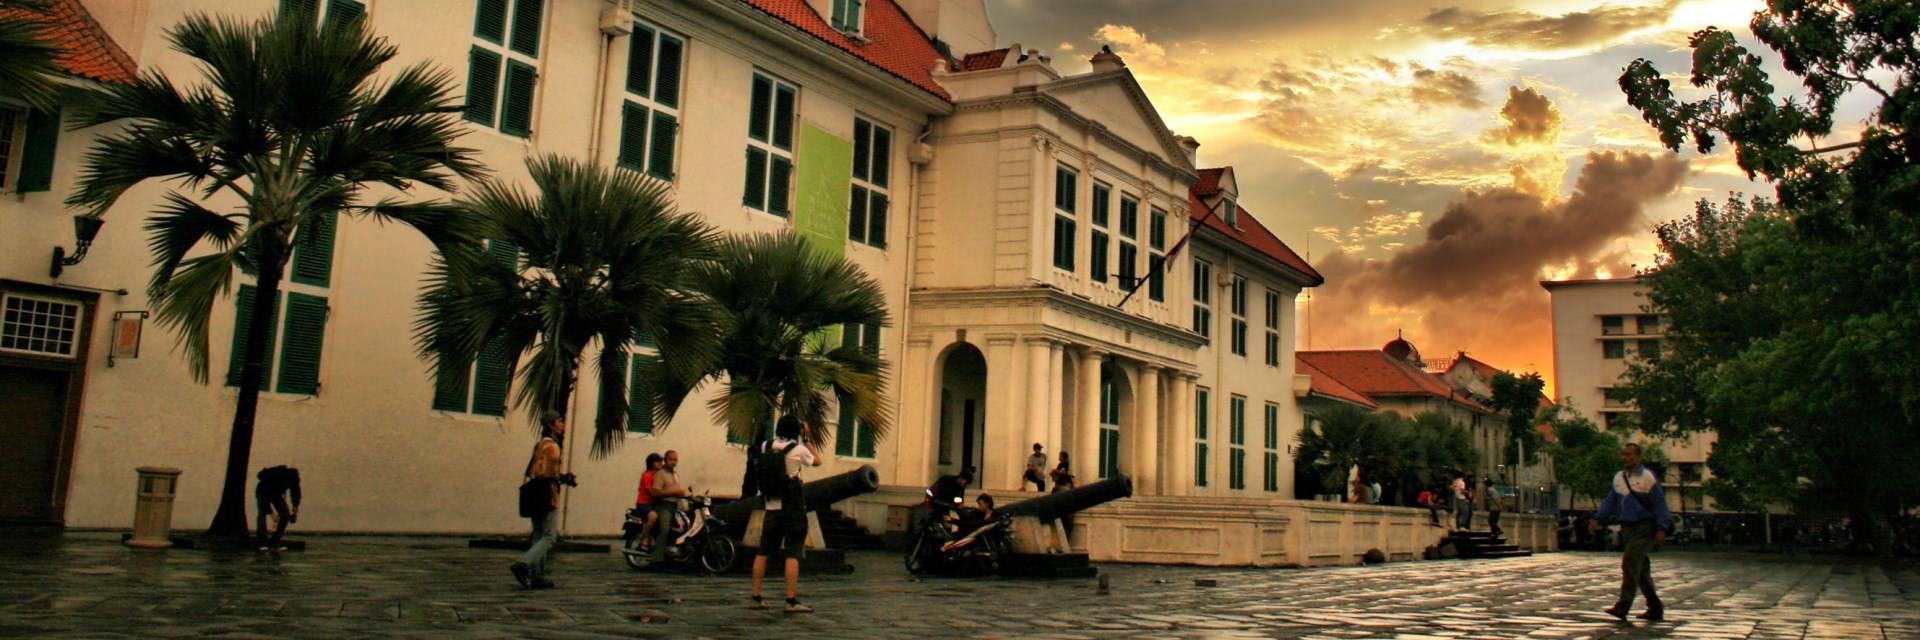 Wisata Bangunan Bersejarah Jakarta Wisata Bangunan Bersejarah Jakarta - Dolan Dolen